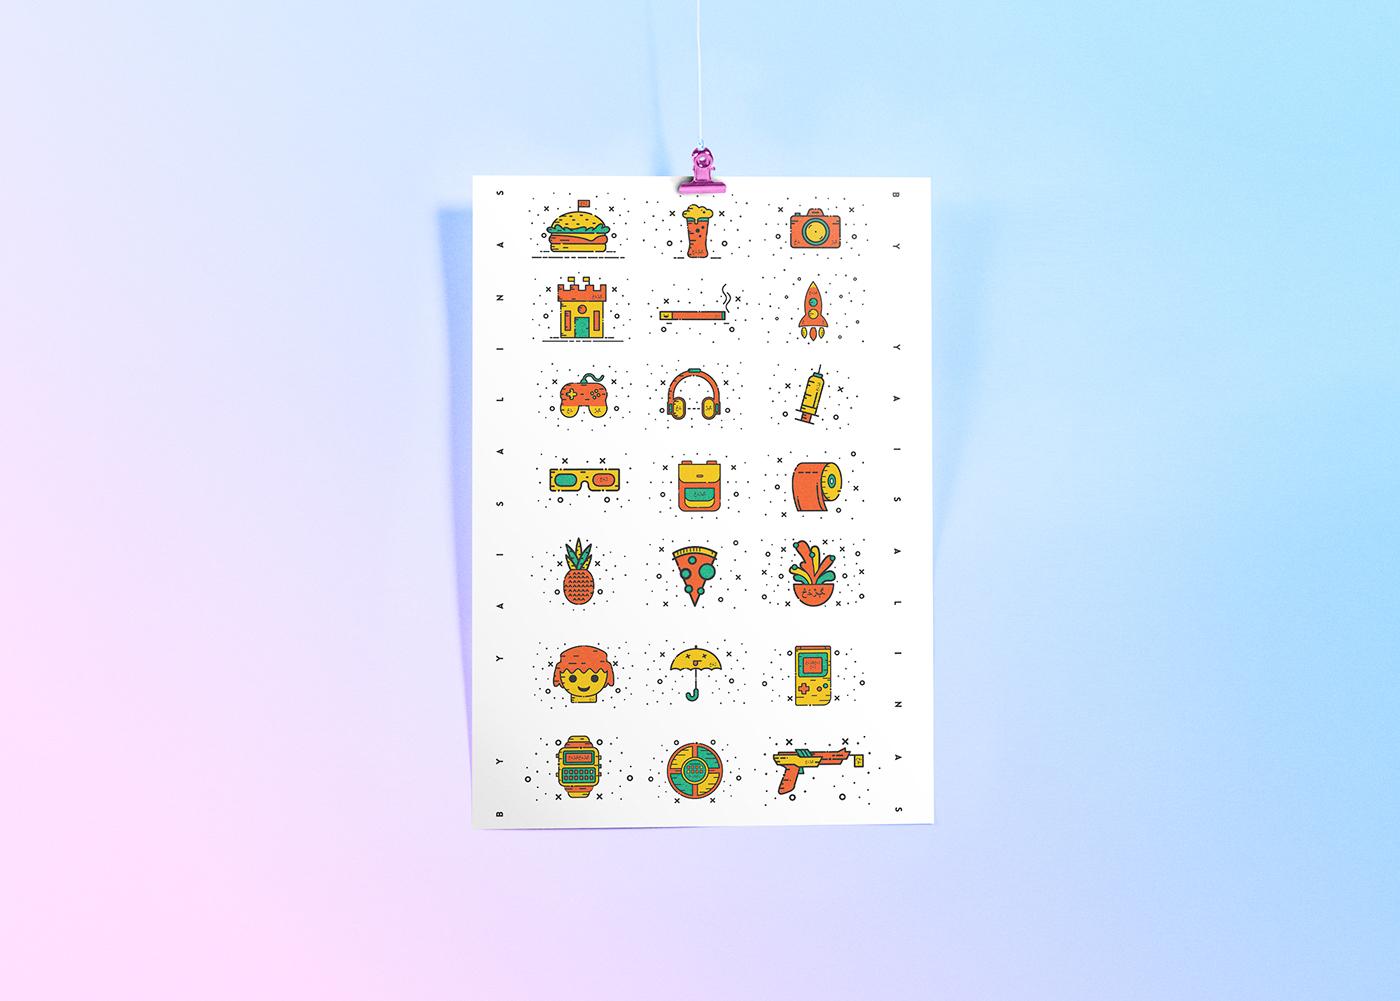 Miscelánea de iconos gratuitos con un espíritu alegre y de tendencia nostálgica 23